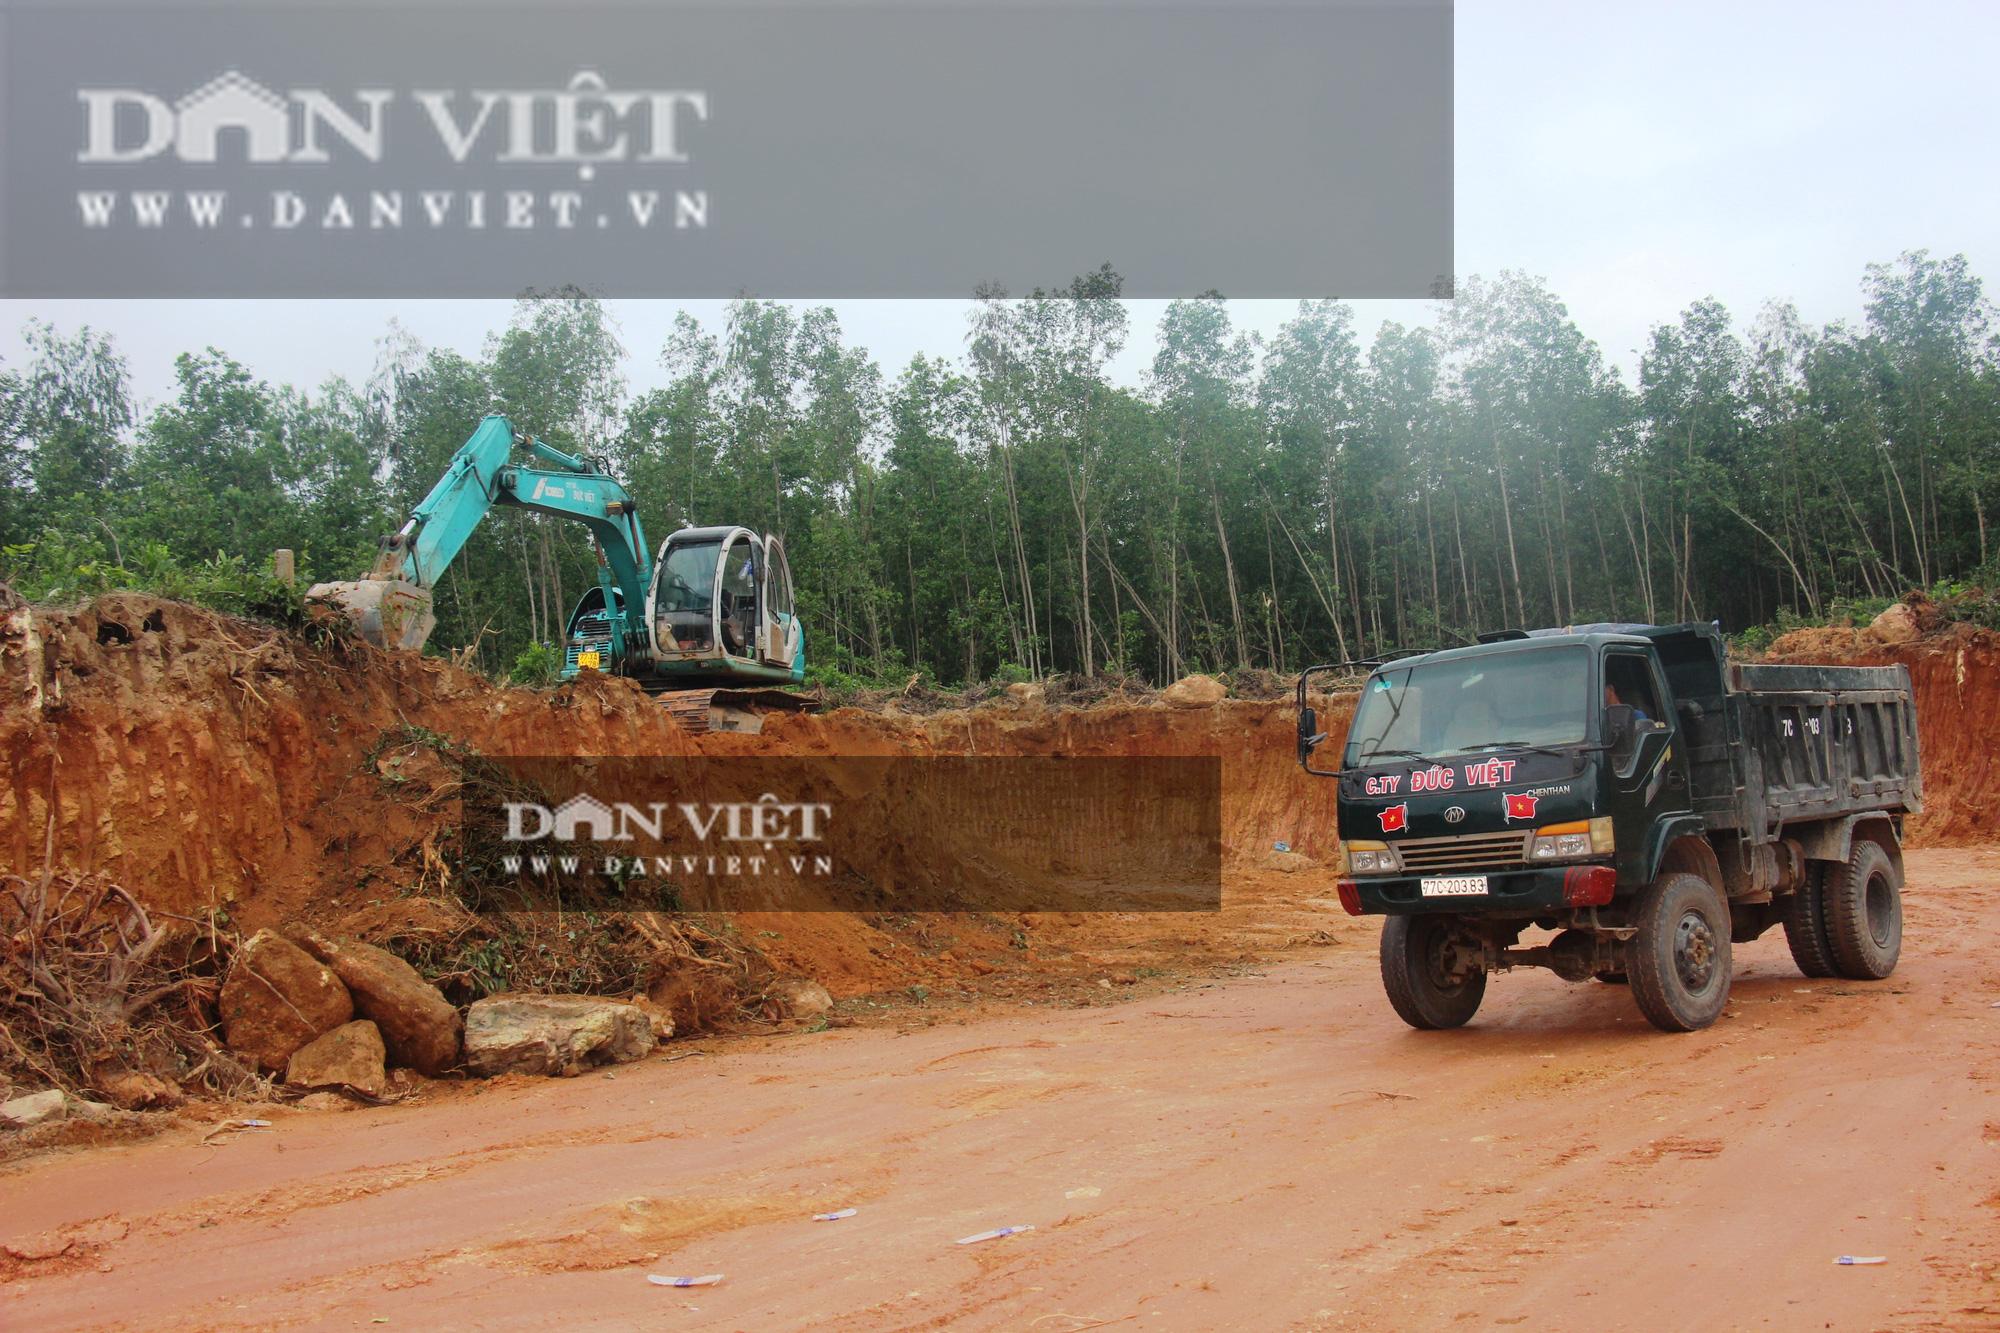 Bình Định: Bất thường thi công gói thầu Công trình nhà nước hơn 12 tỷ đồng - Ảnh 2.